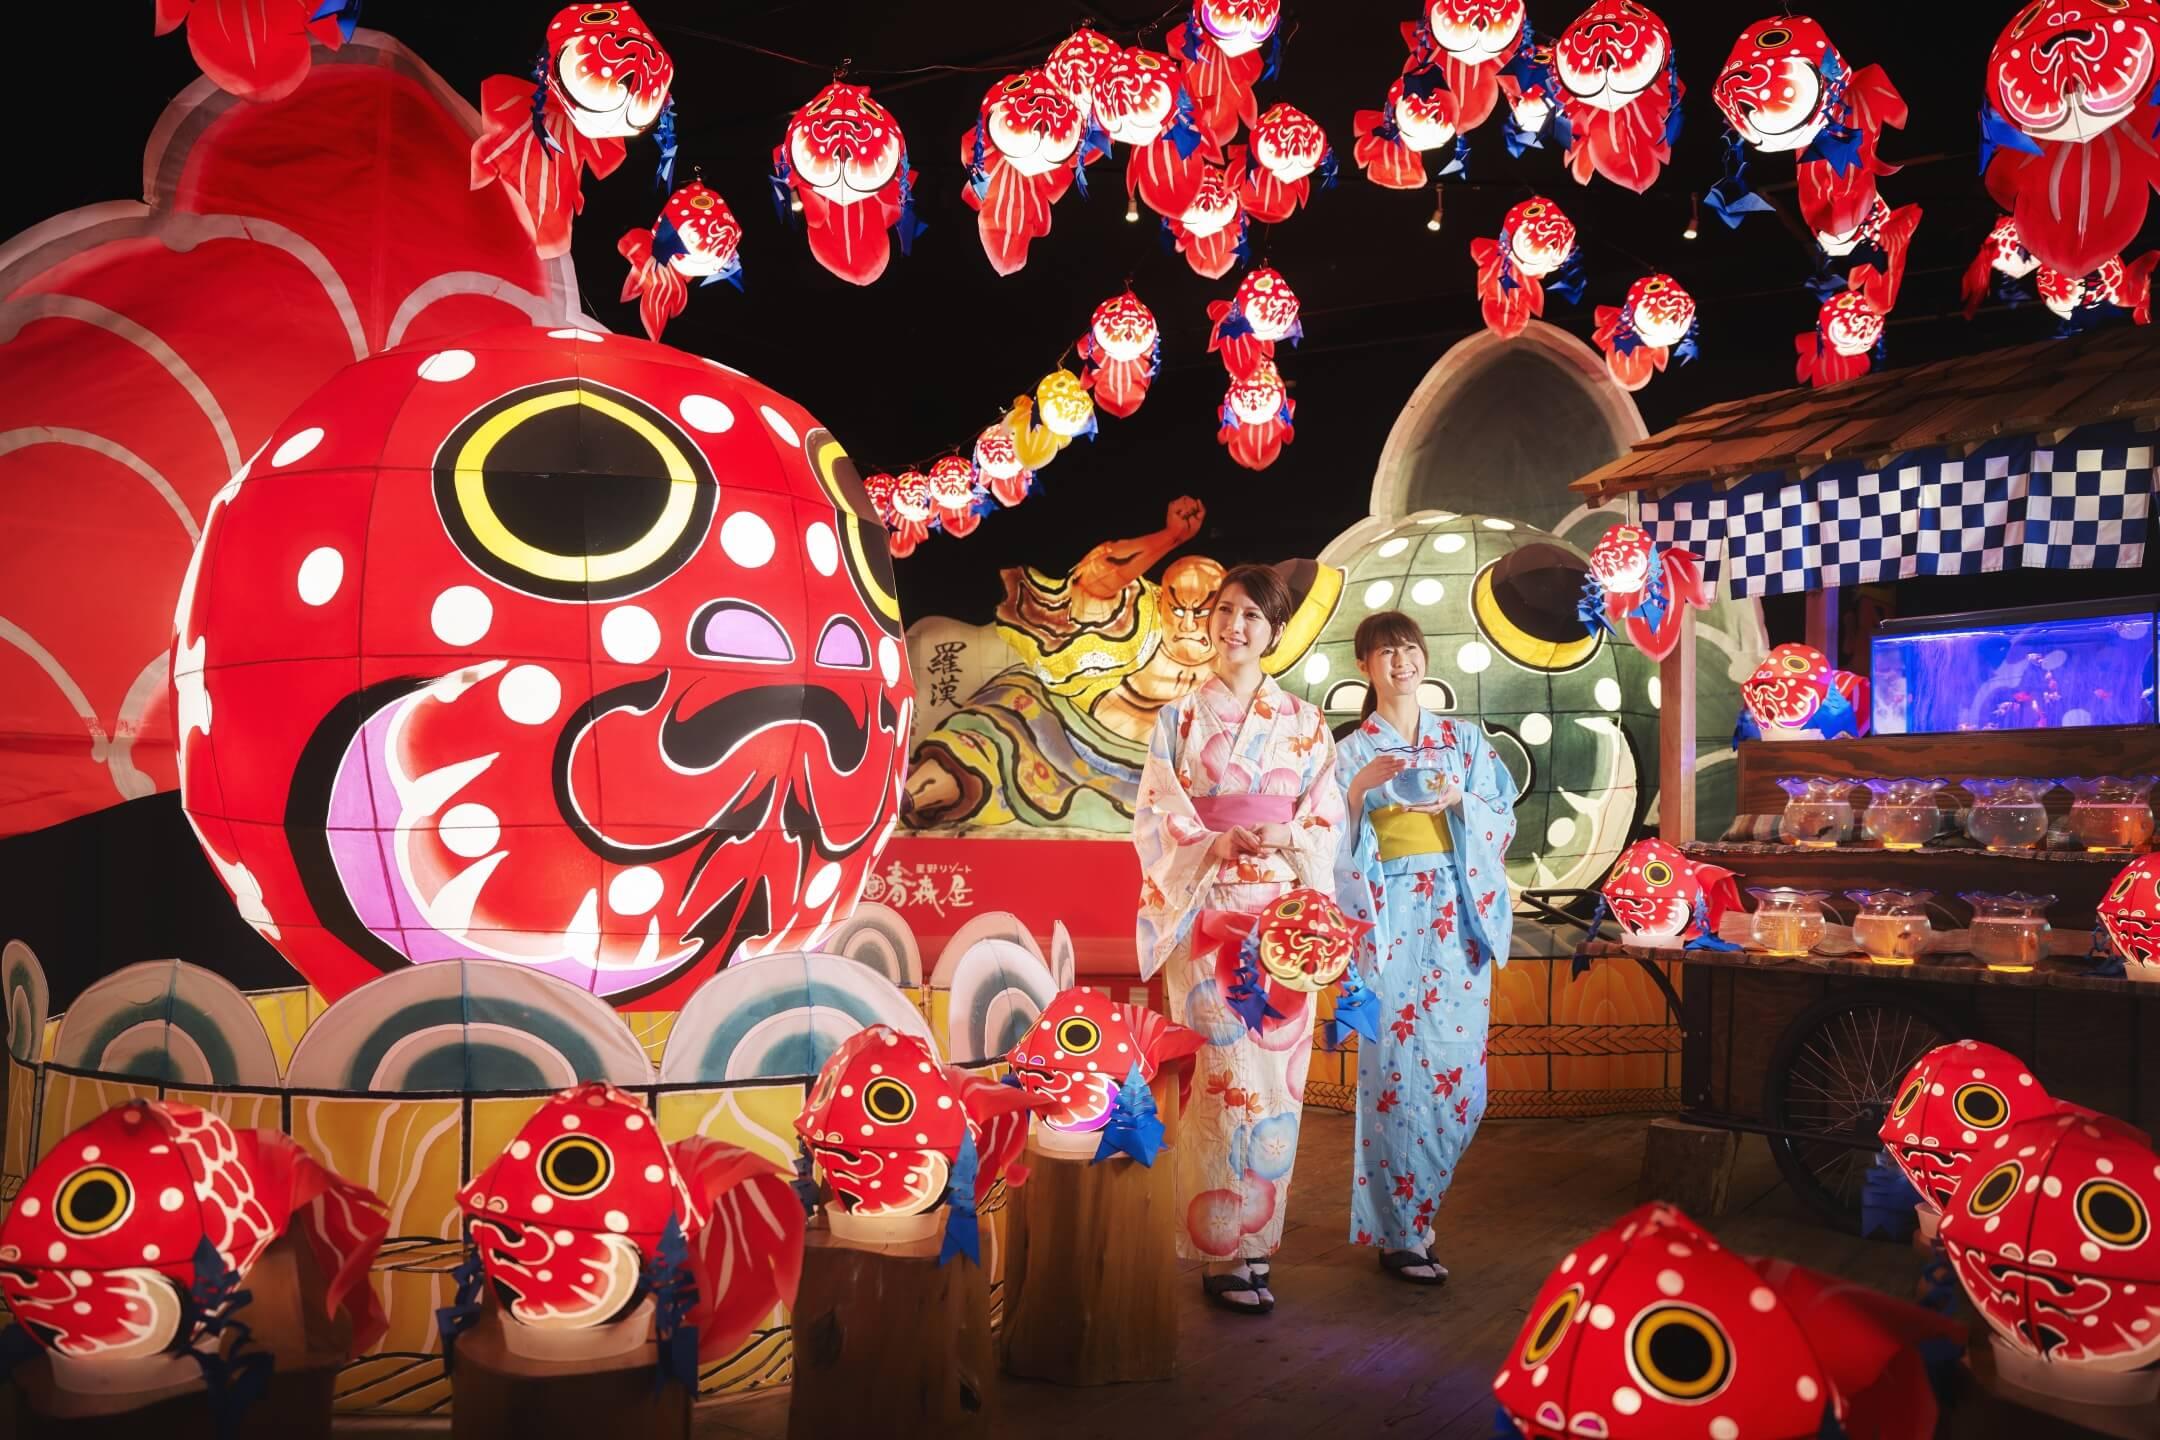 ねぶた 金魚 金魚ねぶた献灯祭|廣田神社〜病厄除守護神〜|青森県青森市